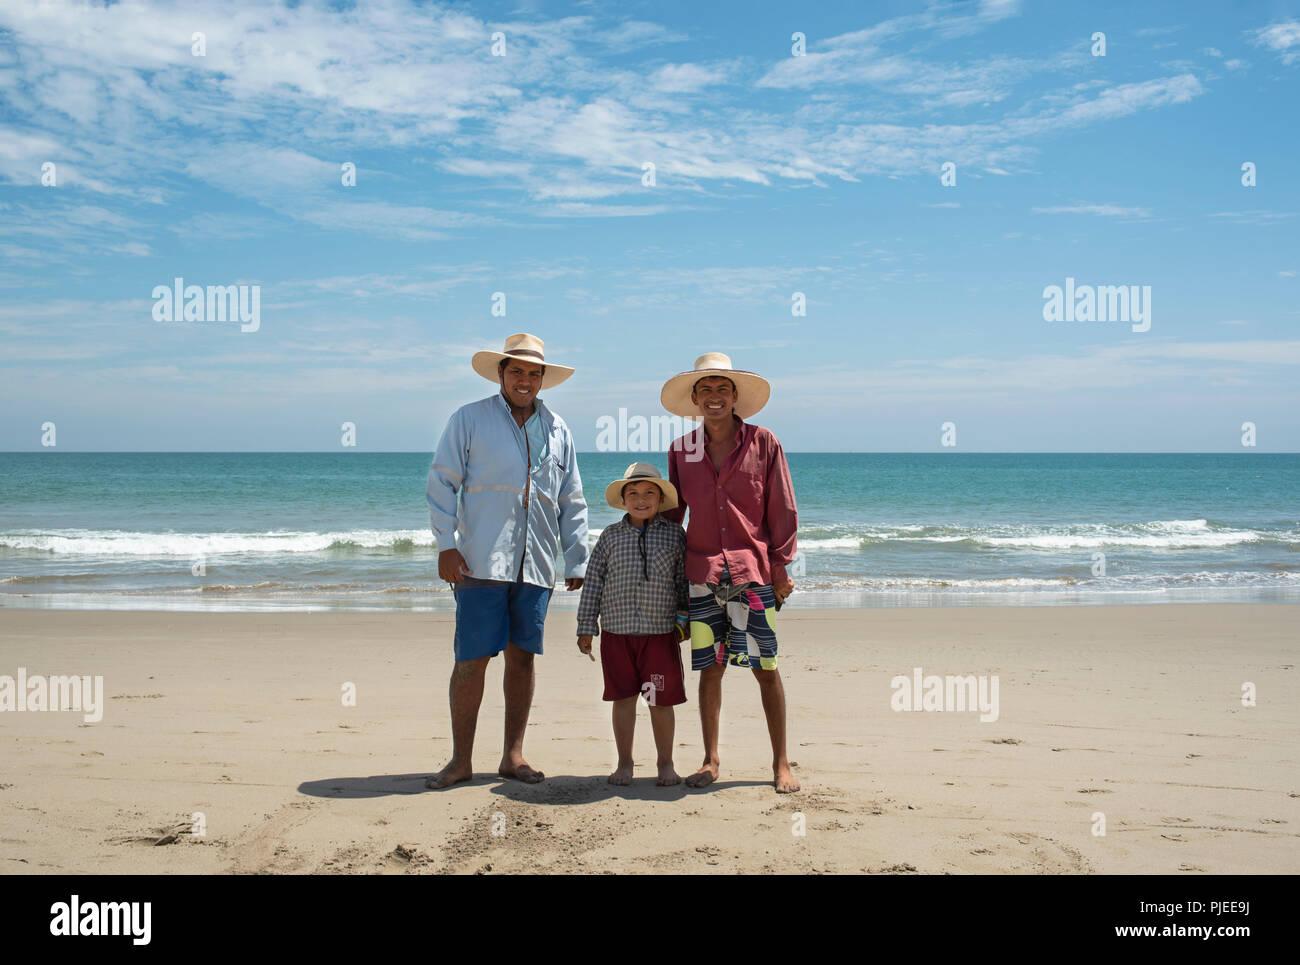 Trois garçons péruvien portant des shorts, chemises et chapeaux de paille. Portrait de l'environnement sur Vichayito plage près de Mancora, Pérou. Usage éditorial uniquement. Aug 2018 Photo Stock